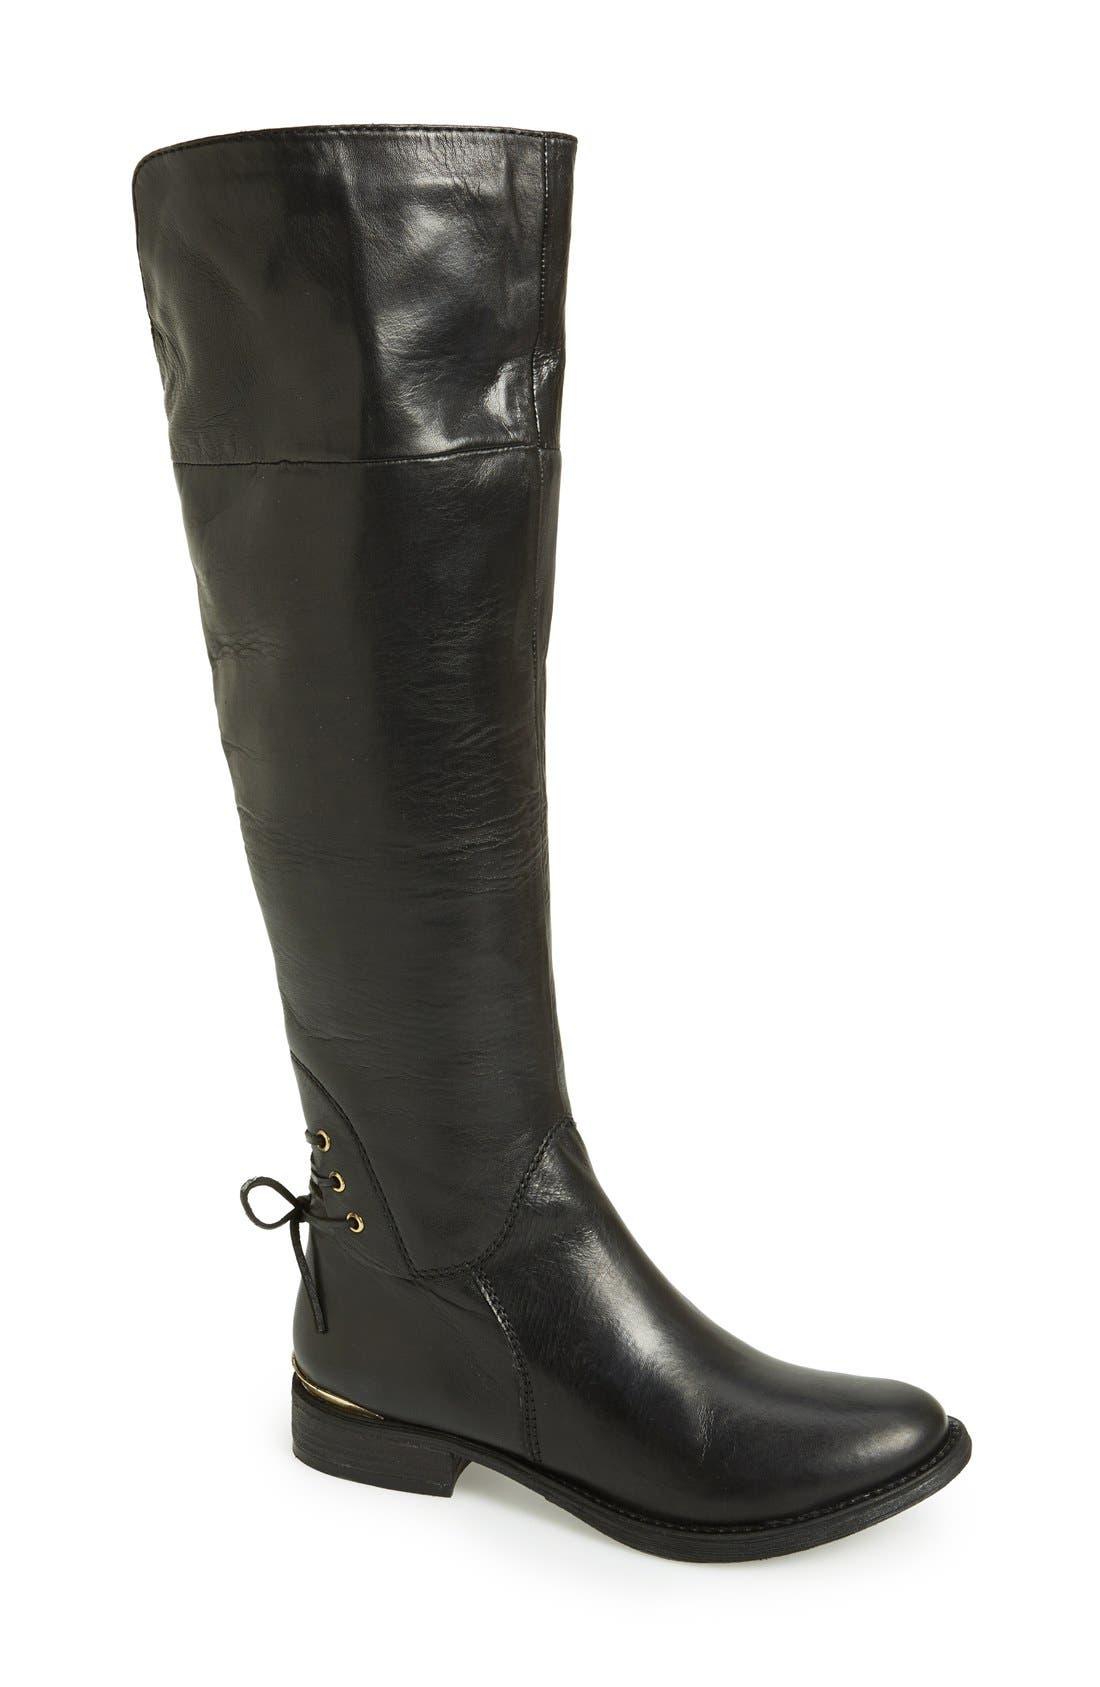 Alternate Image 1 Selected - Steve Madden 'Nerves' Over the Knee Leather Boot (Women)